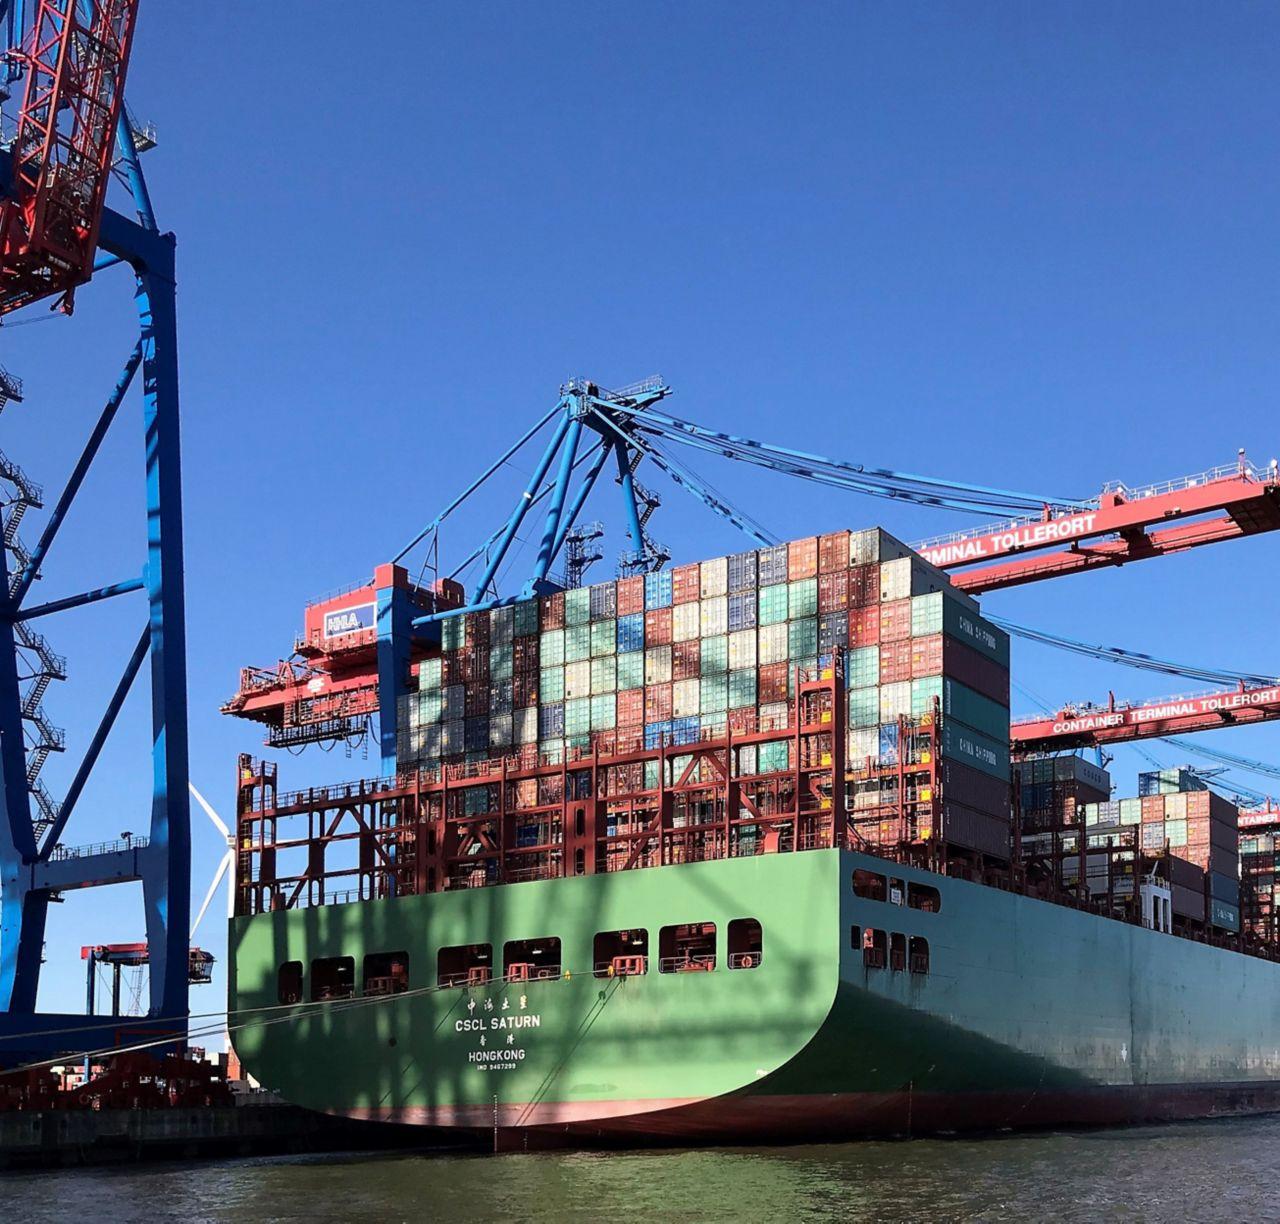 Bild eines voll beladenen Containerschiffes